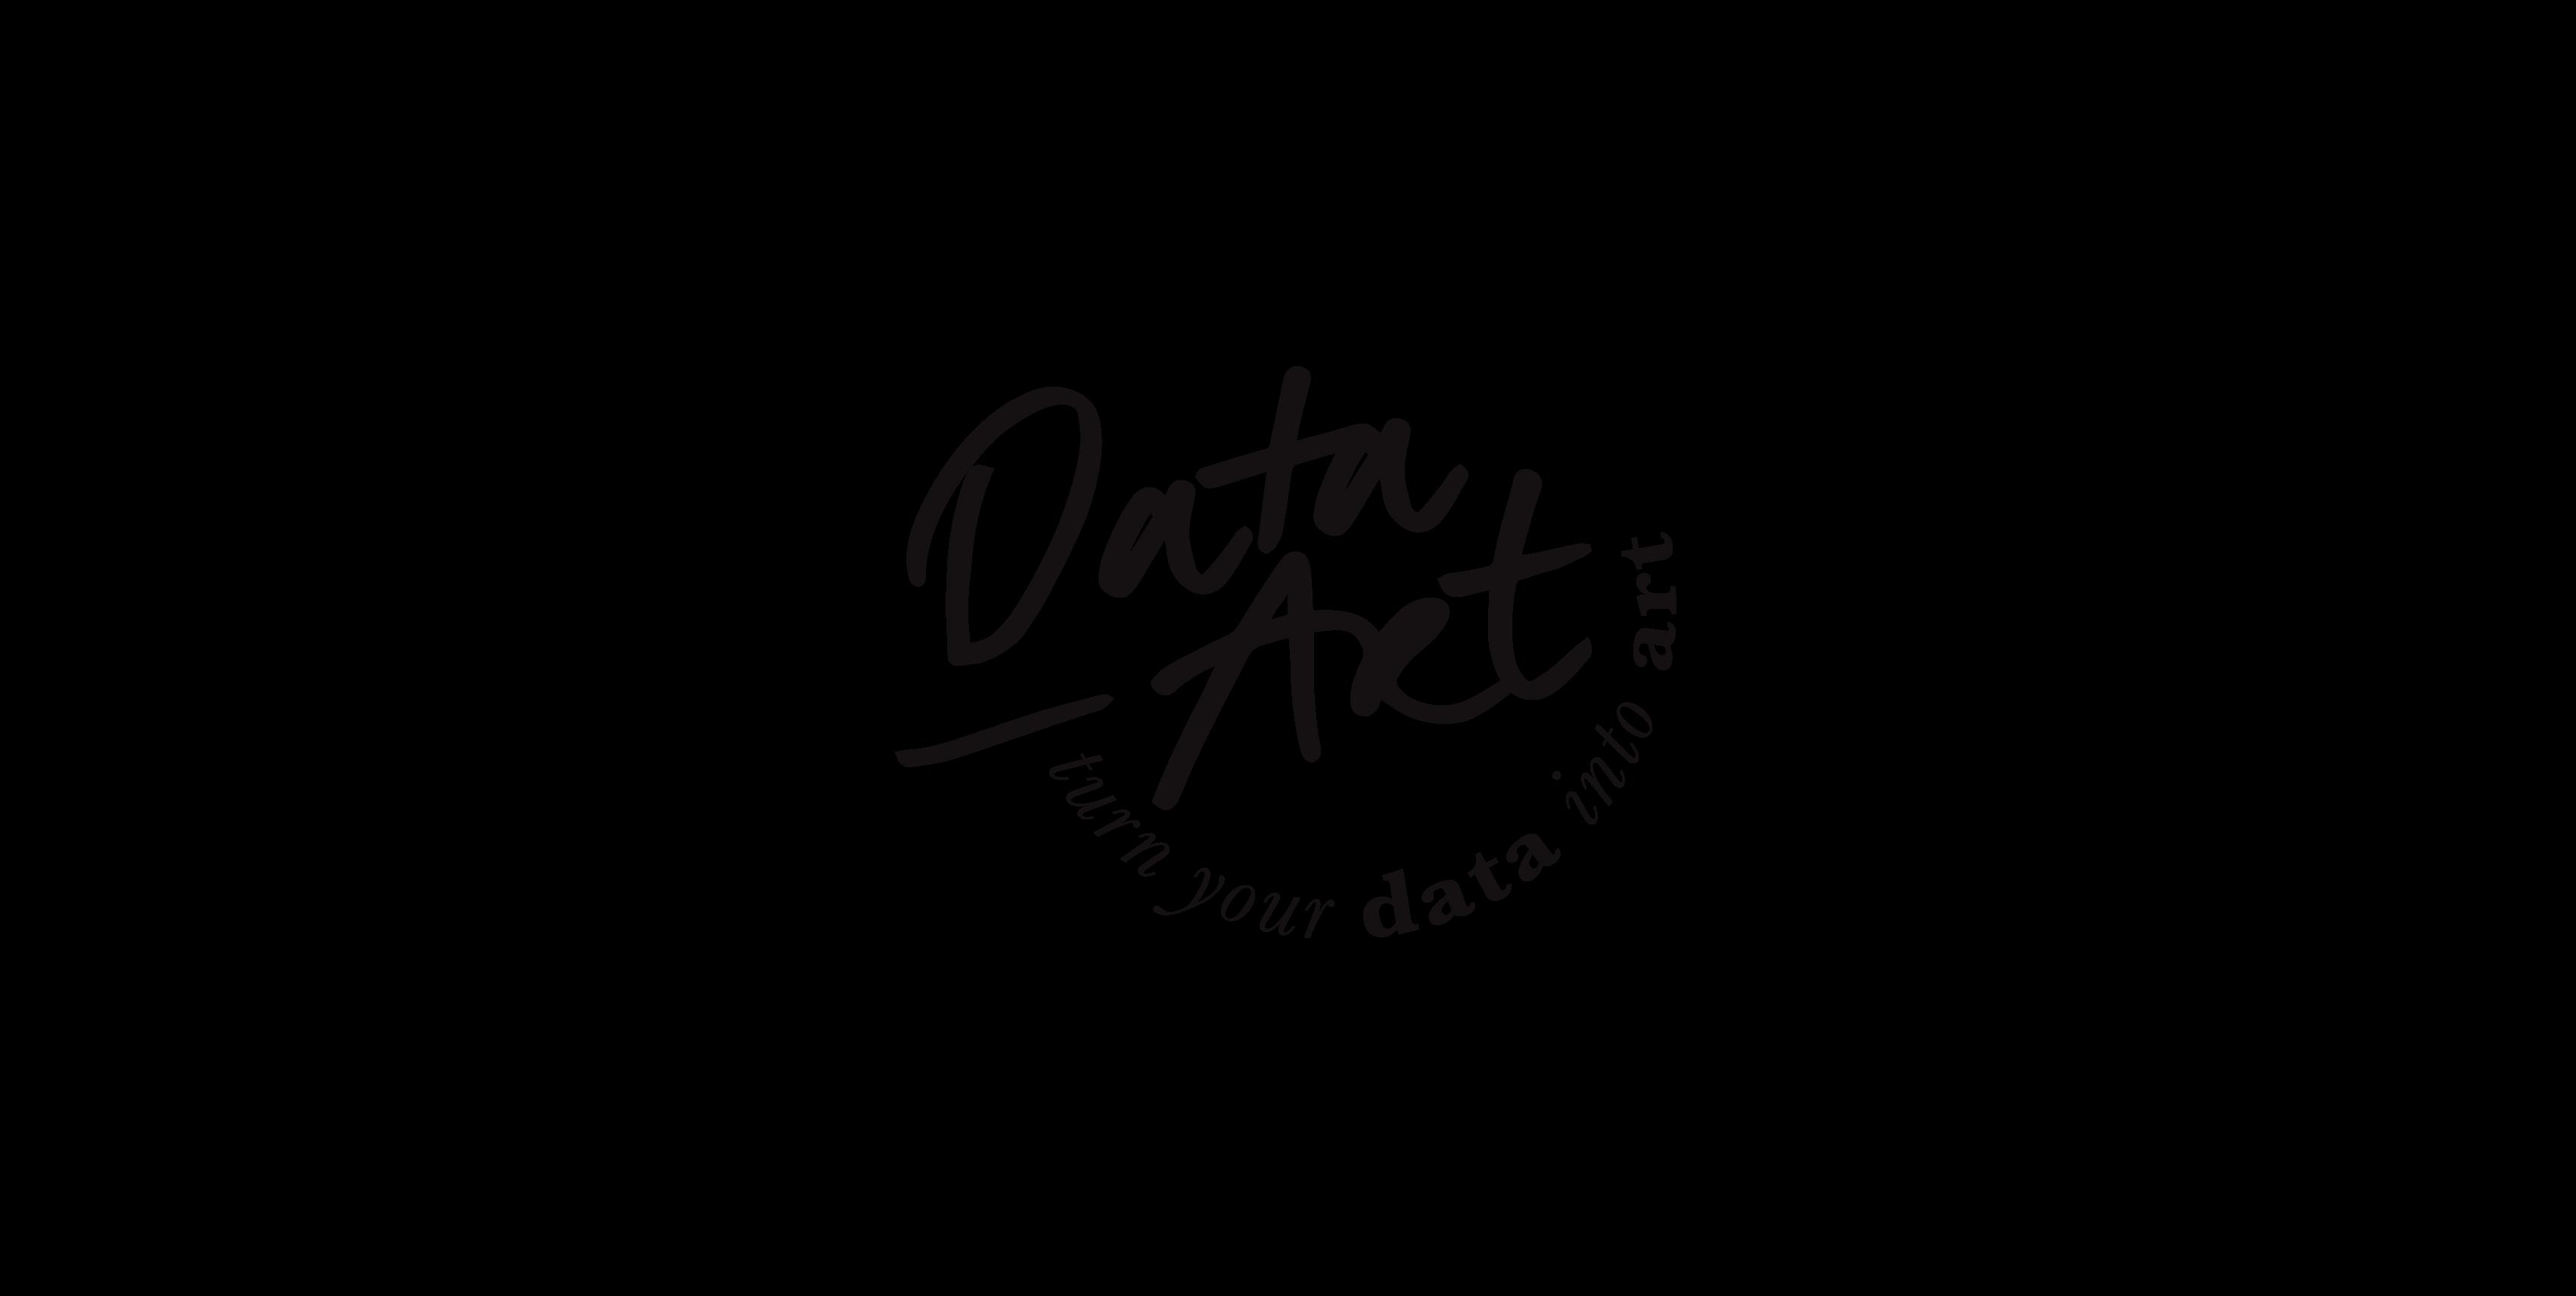 Data Art logo